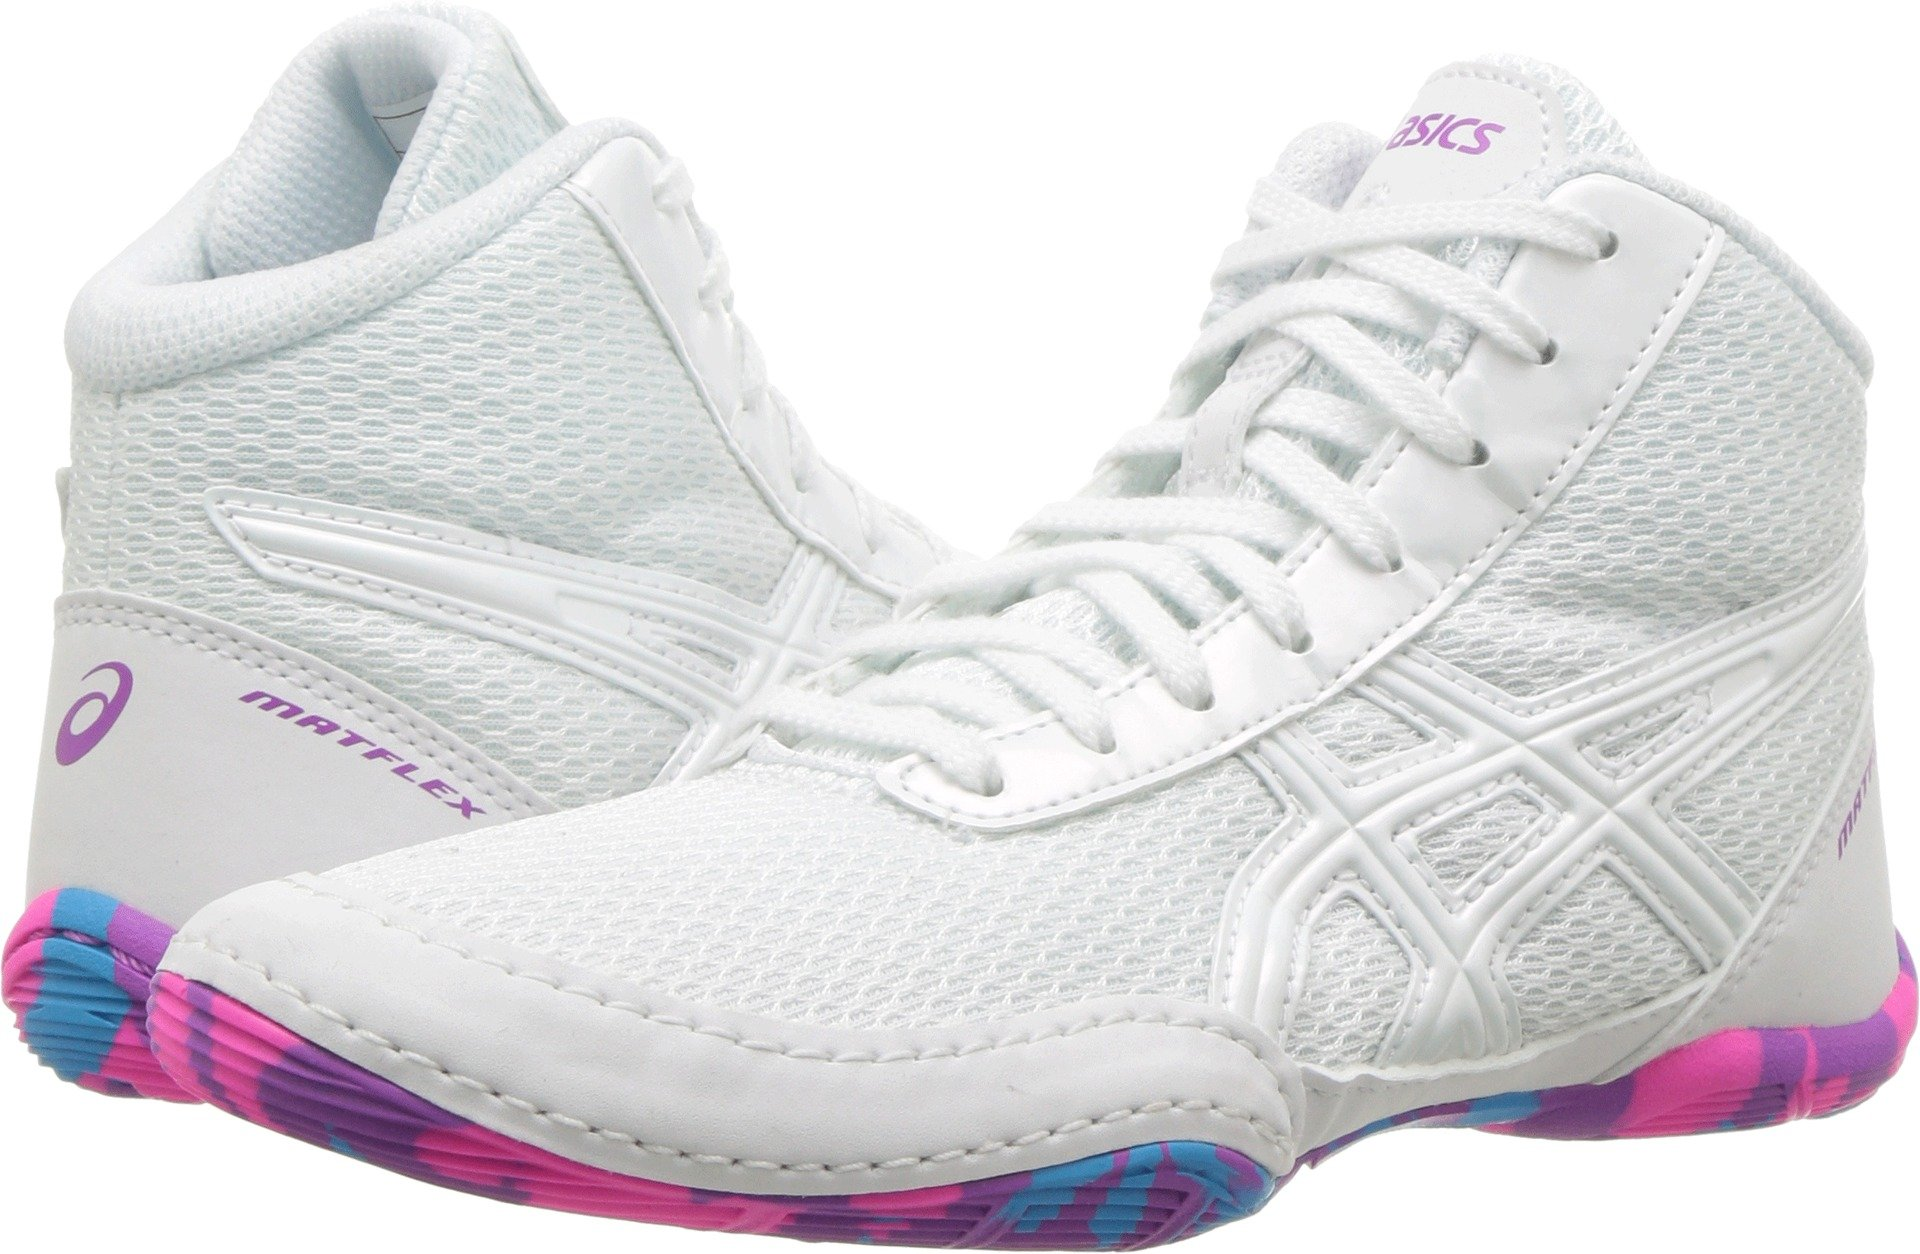 ASICS Matflex 5 Gs White/White/Multi Wrestling Shoes 6